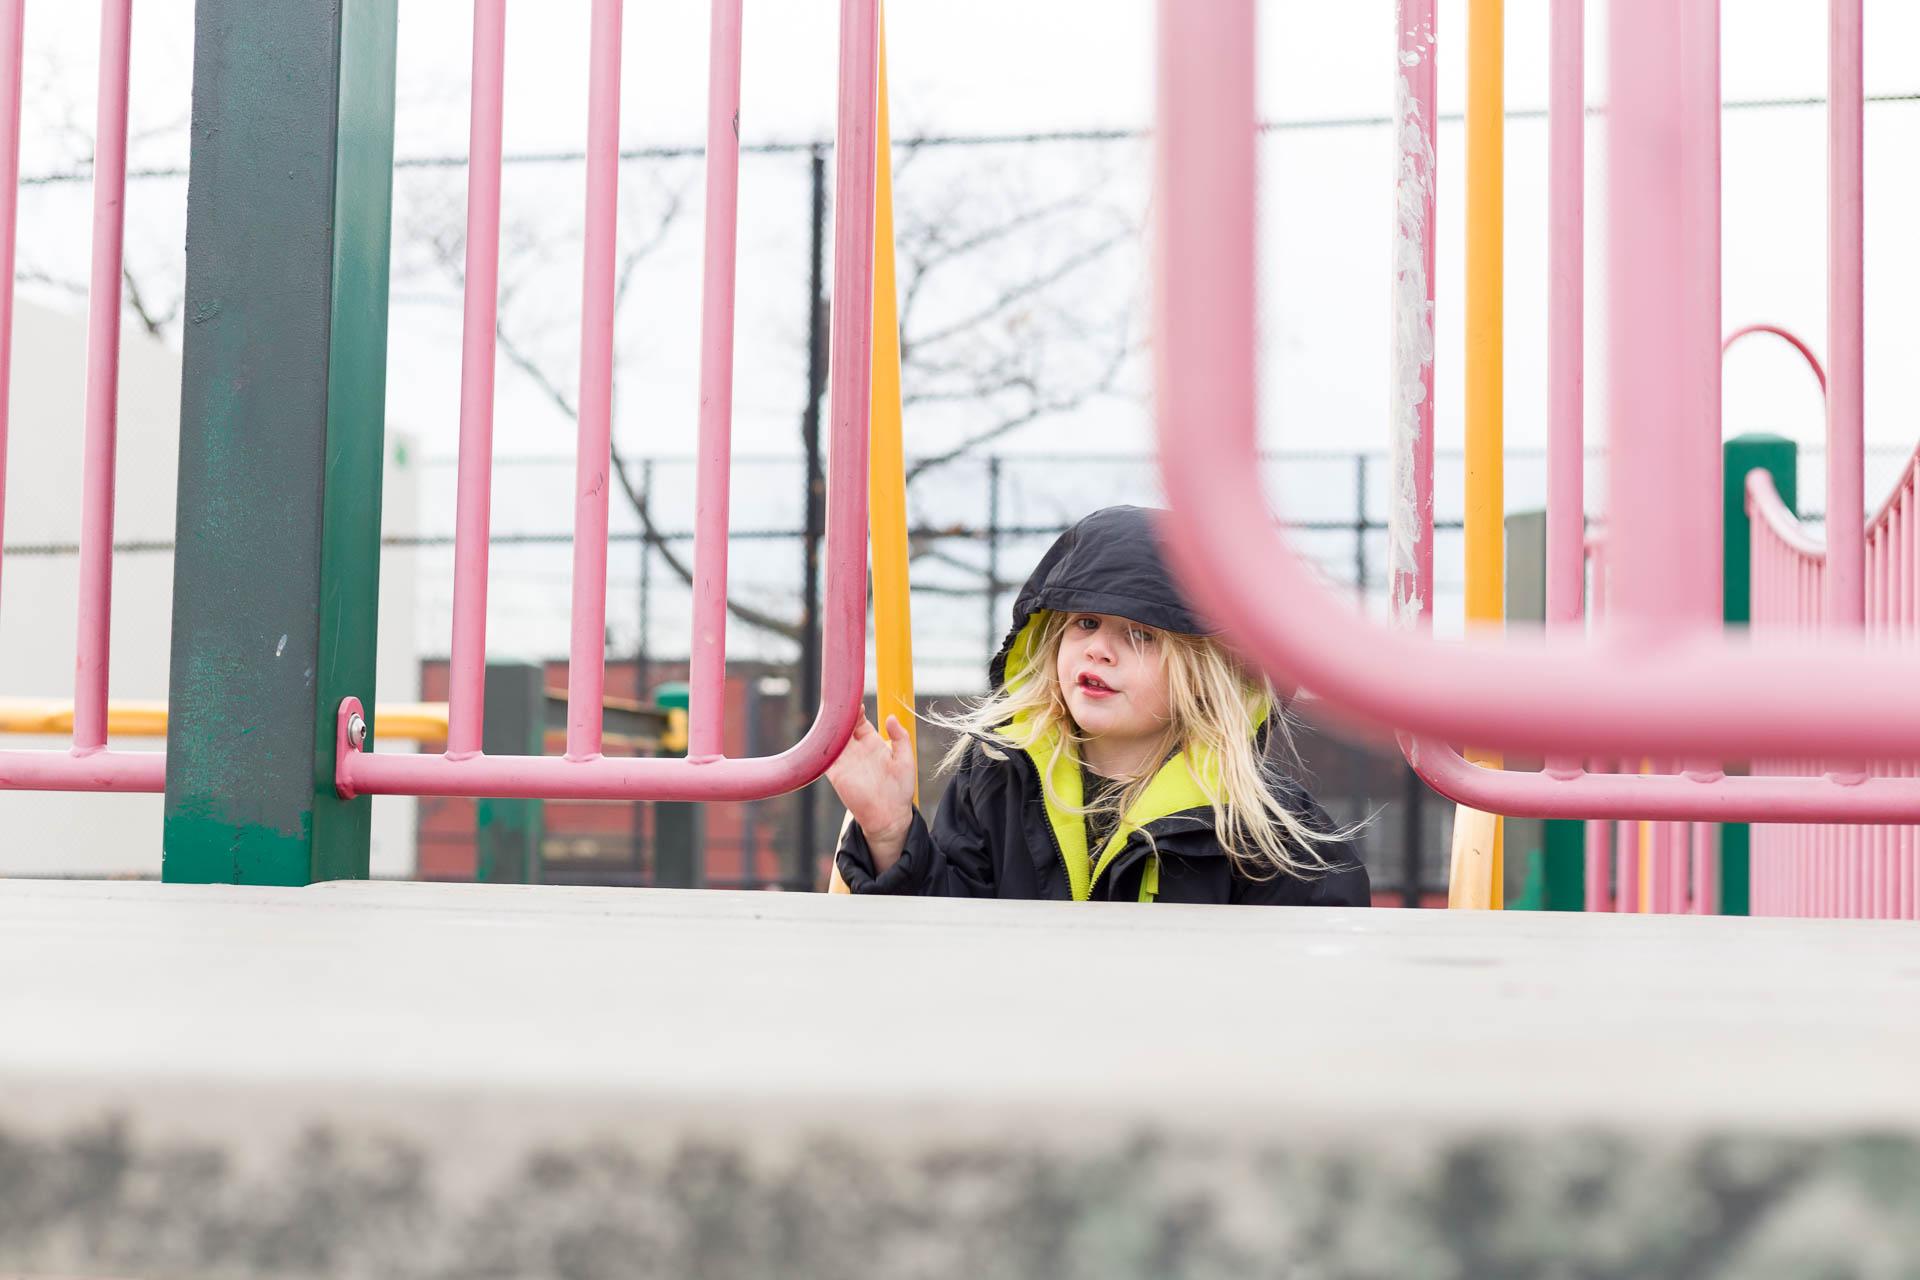 hayden_at_playground-25.jpg